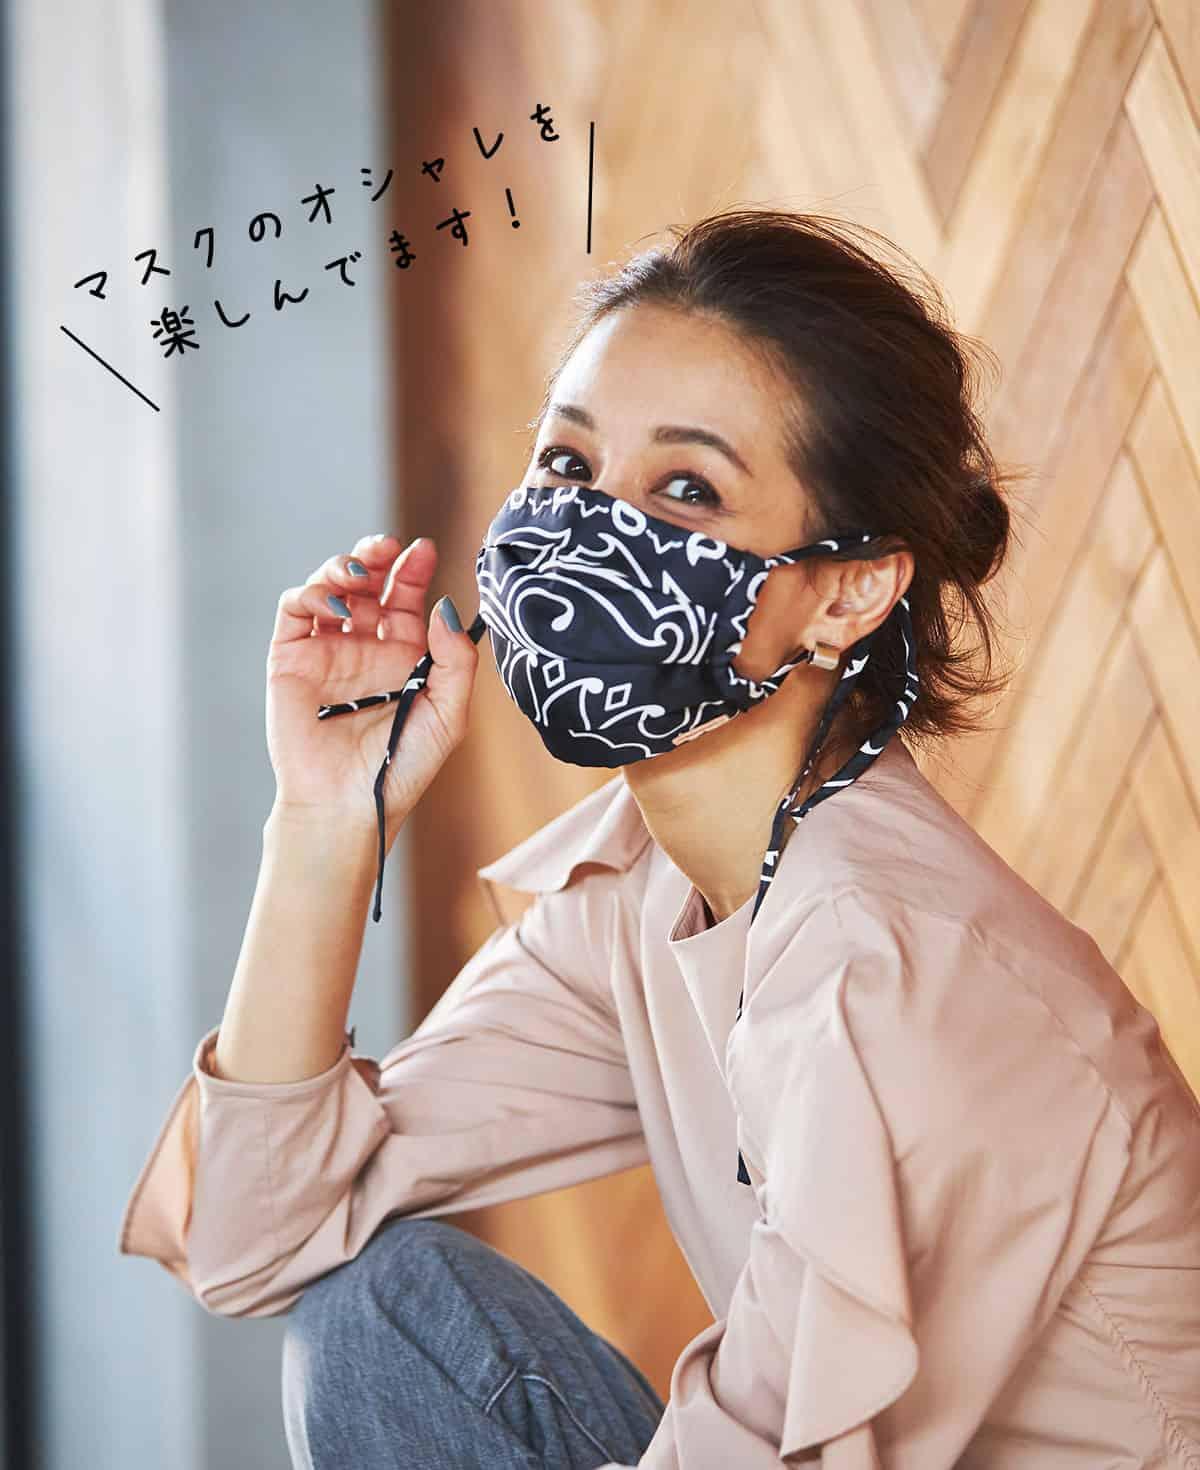 マスクのオシャレを楽しんでます!